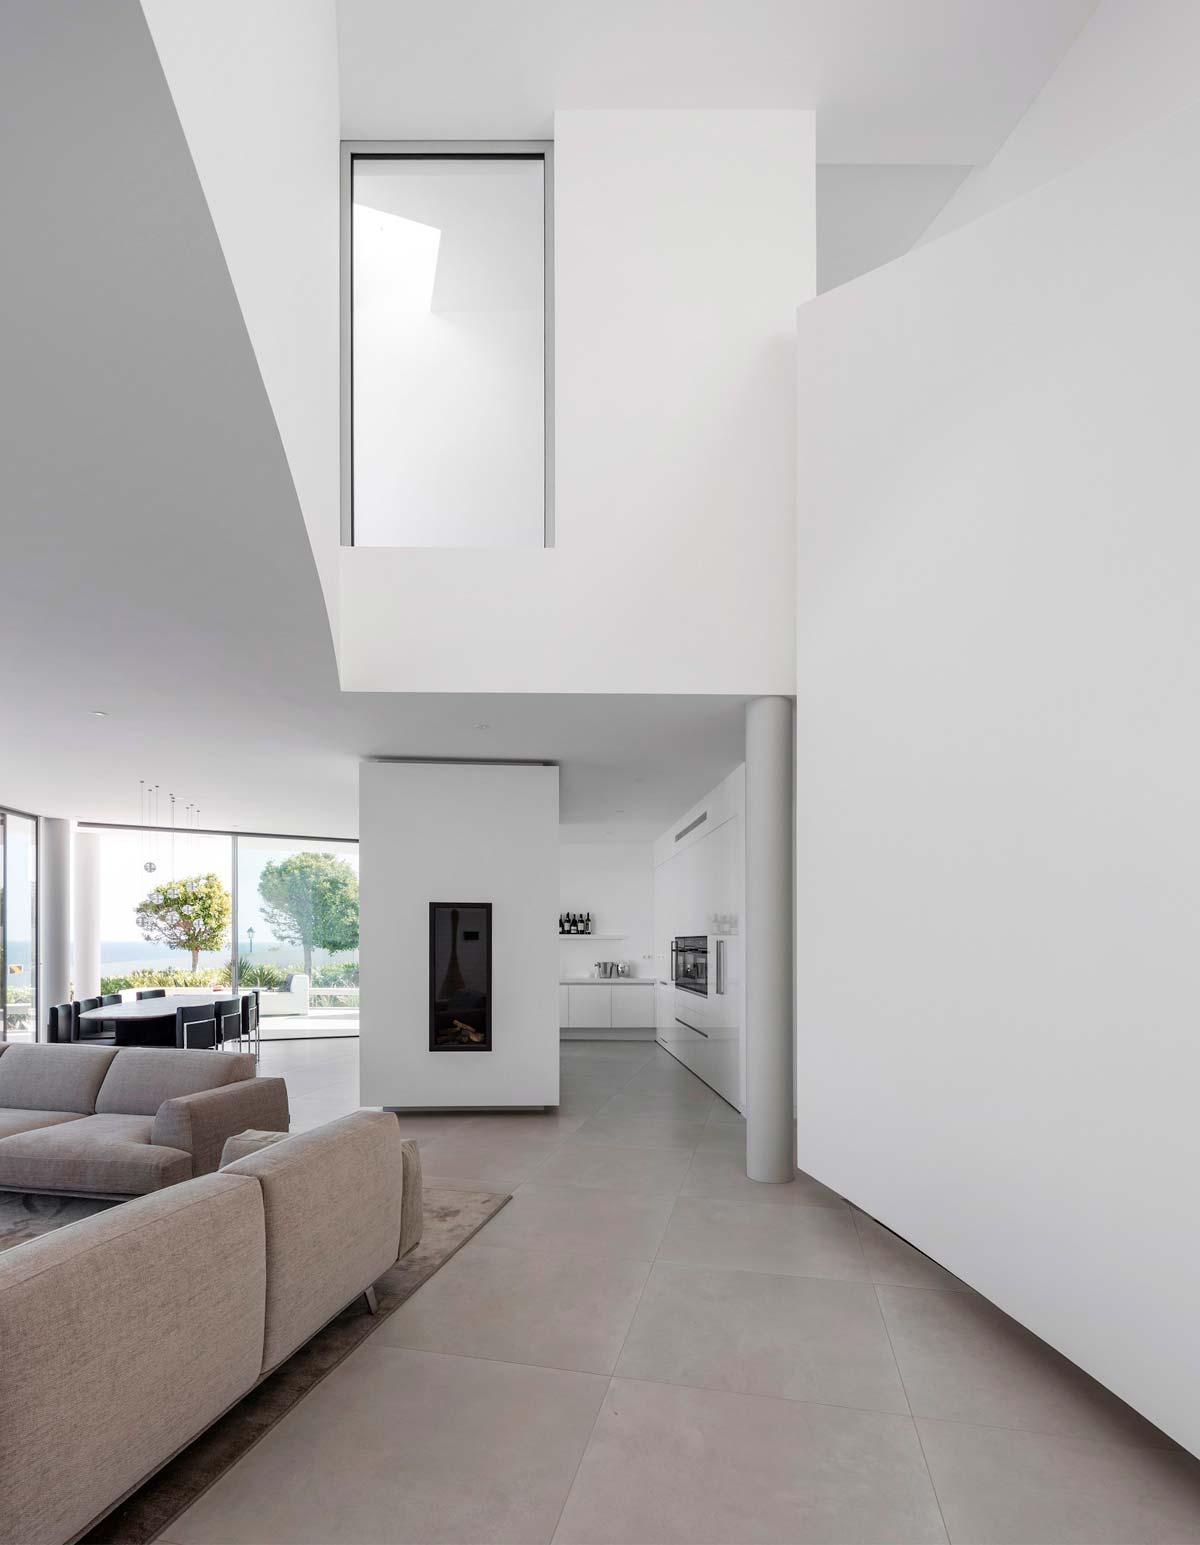 Дизайн интерьера в стиле модерн виллы в Португалии